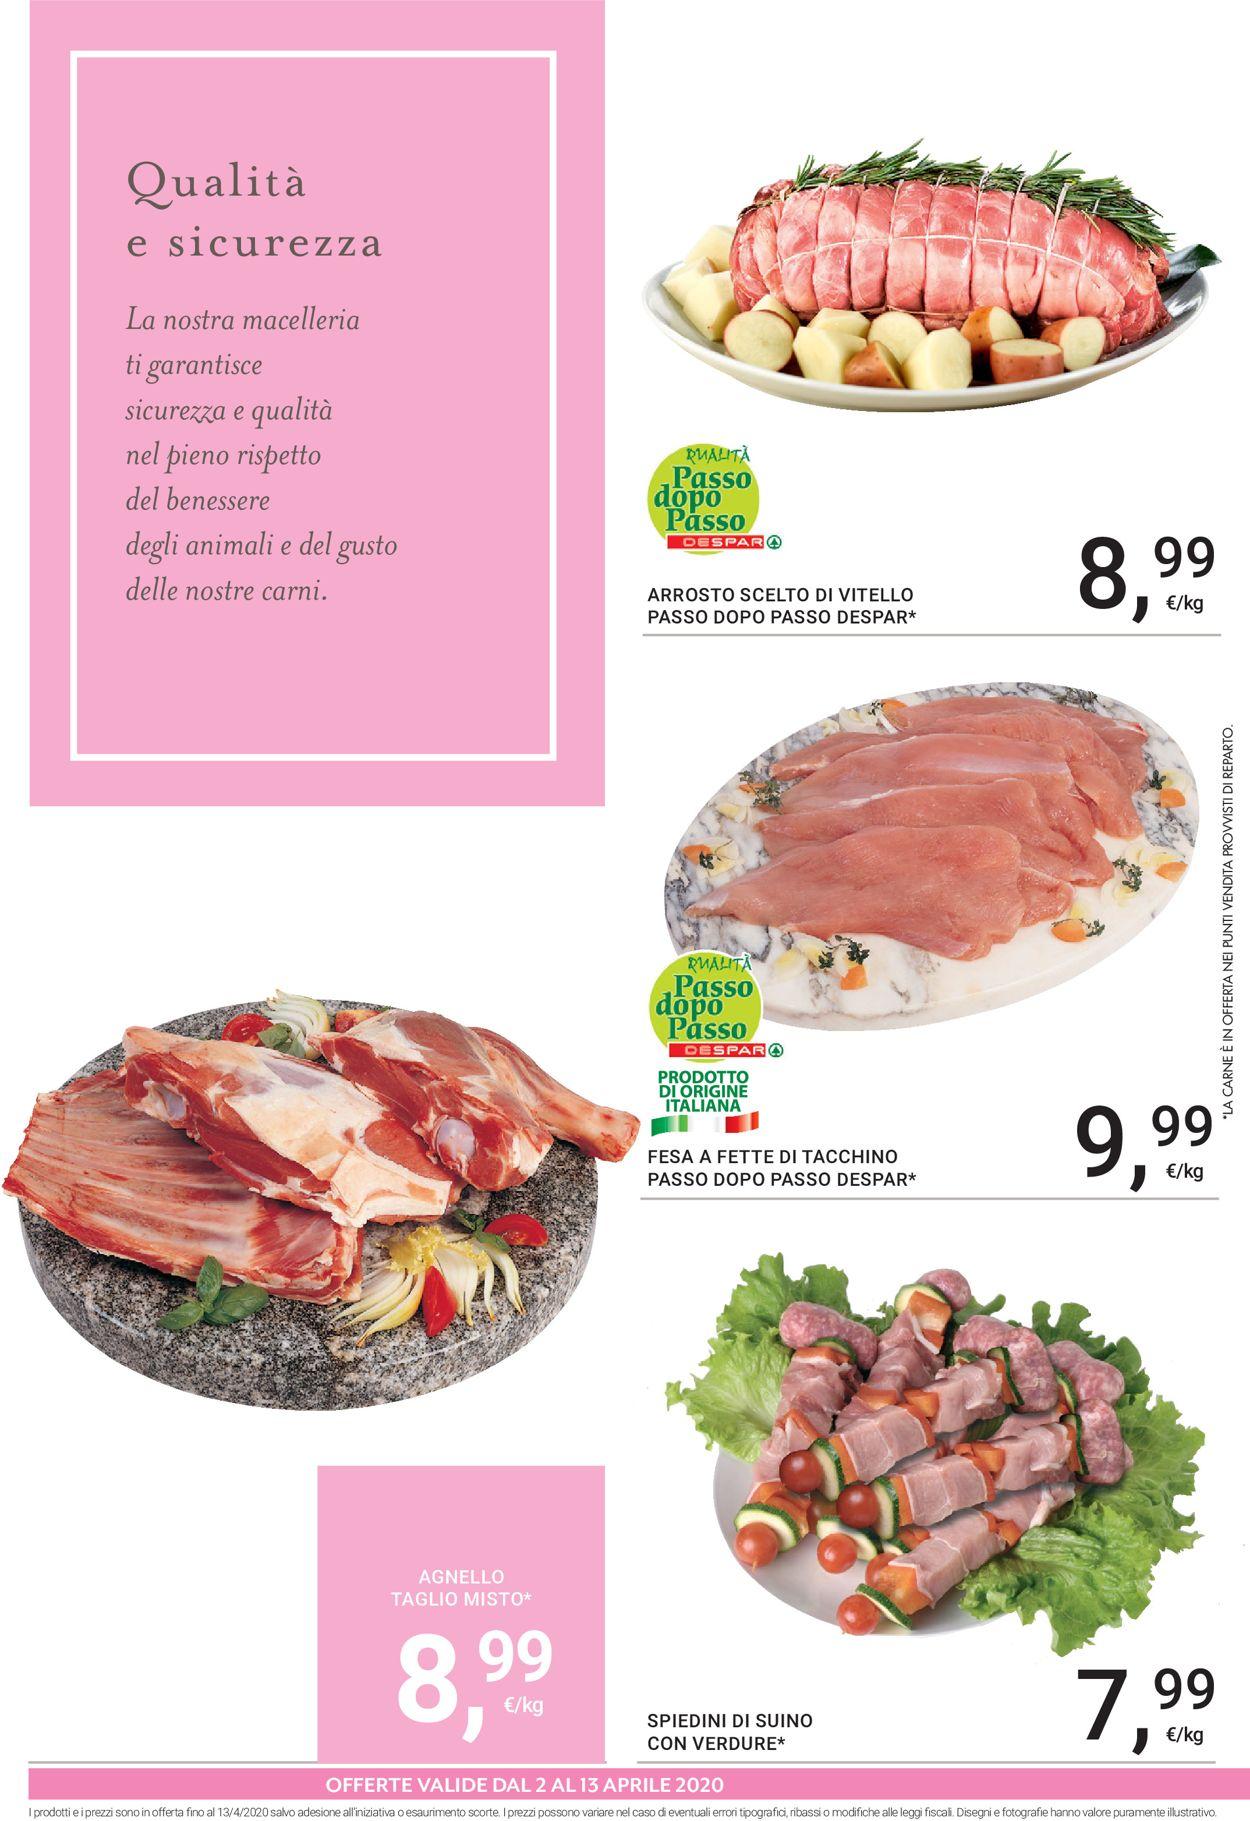 Volantino Despar - Offerte 02/04-13/04/2020 (Pagina 2)